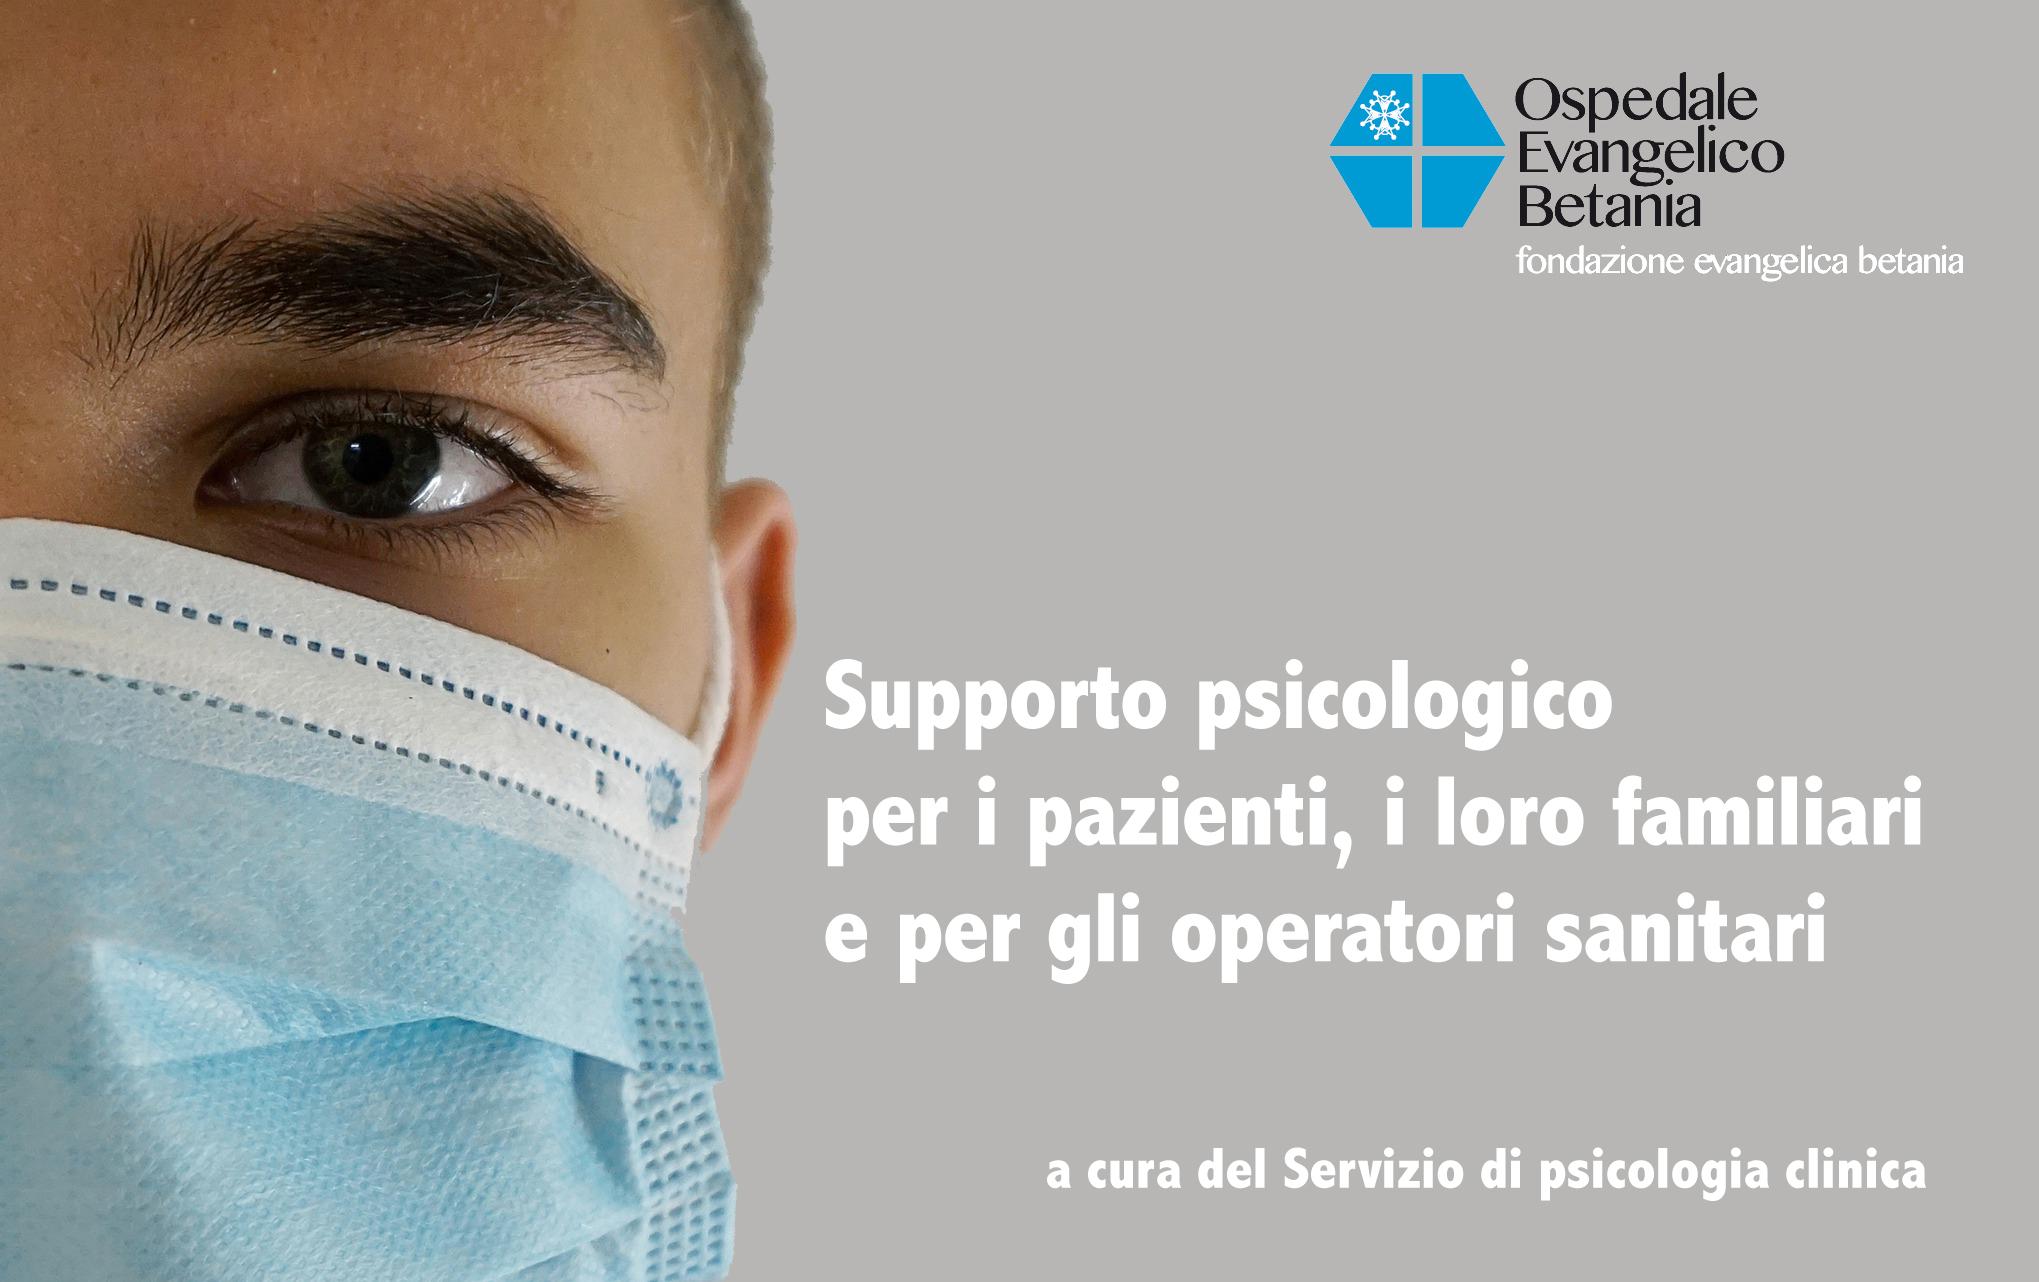 CORONAVIRUS, ALL'OSPEDALE BETANIA SUPPORTO PSICOLOGICO PER PAZIENTI